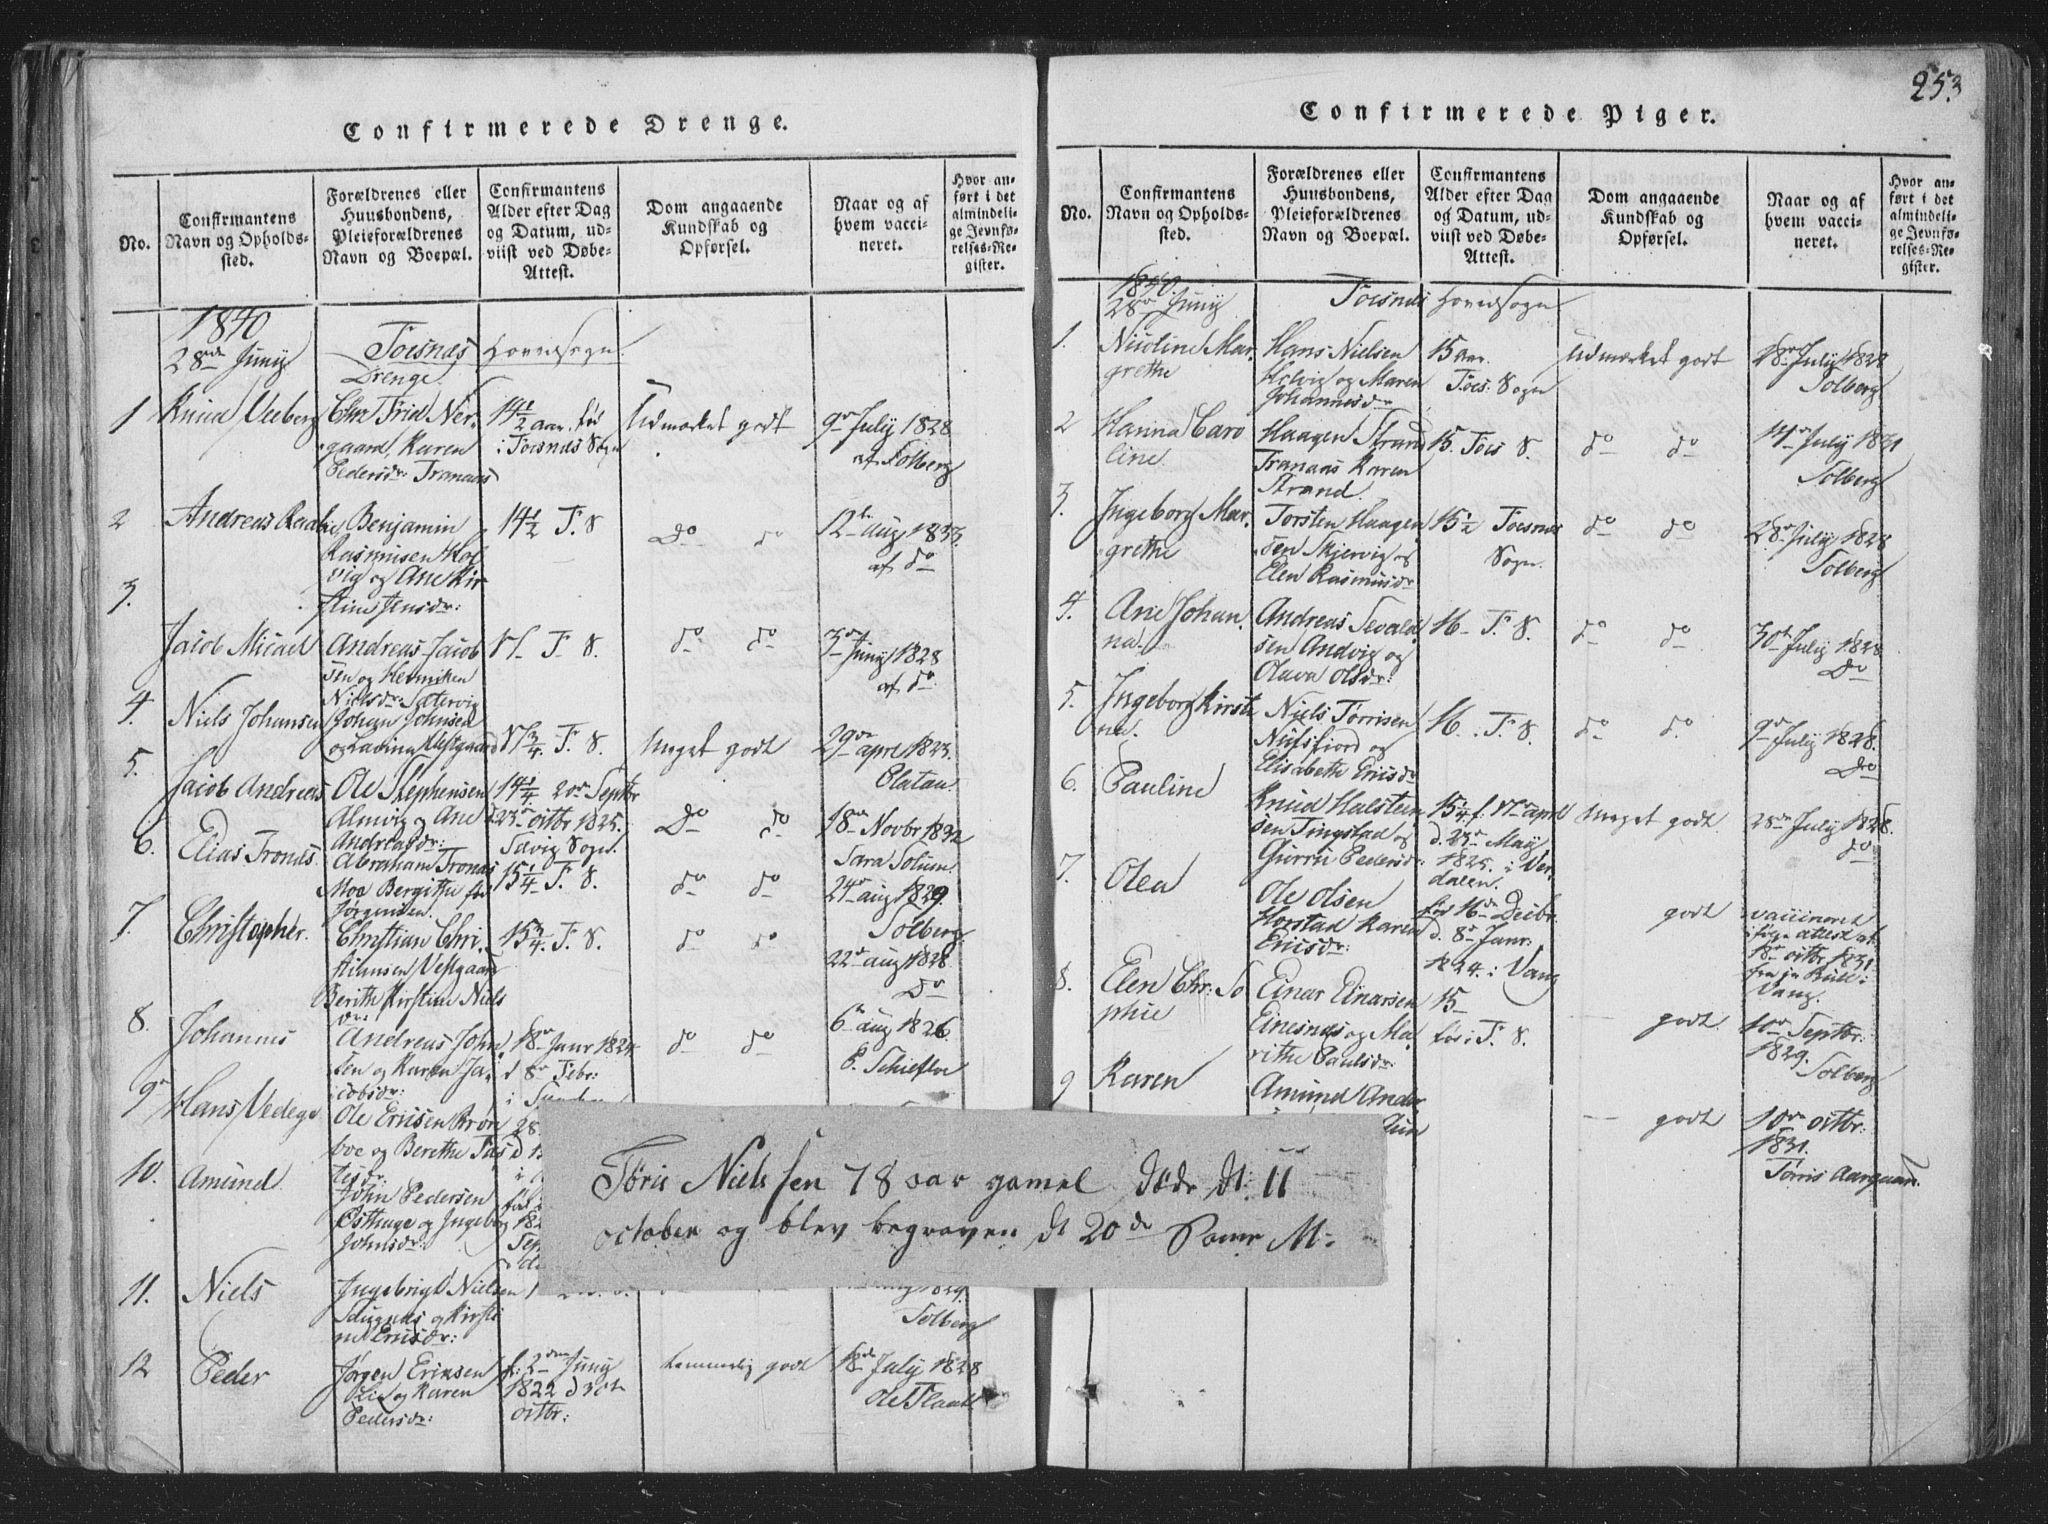 SAT, Ministerialprotokoller, klokkerbøker og fødselsregistre - Nord-Trøndelag, 773/L0613: Ministerialbok nr. 773A04, 1815-1845, s. 253